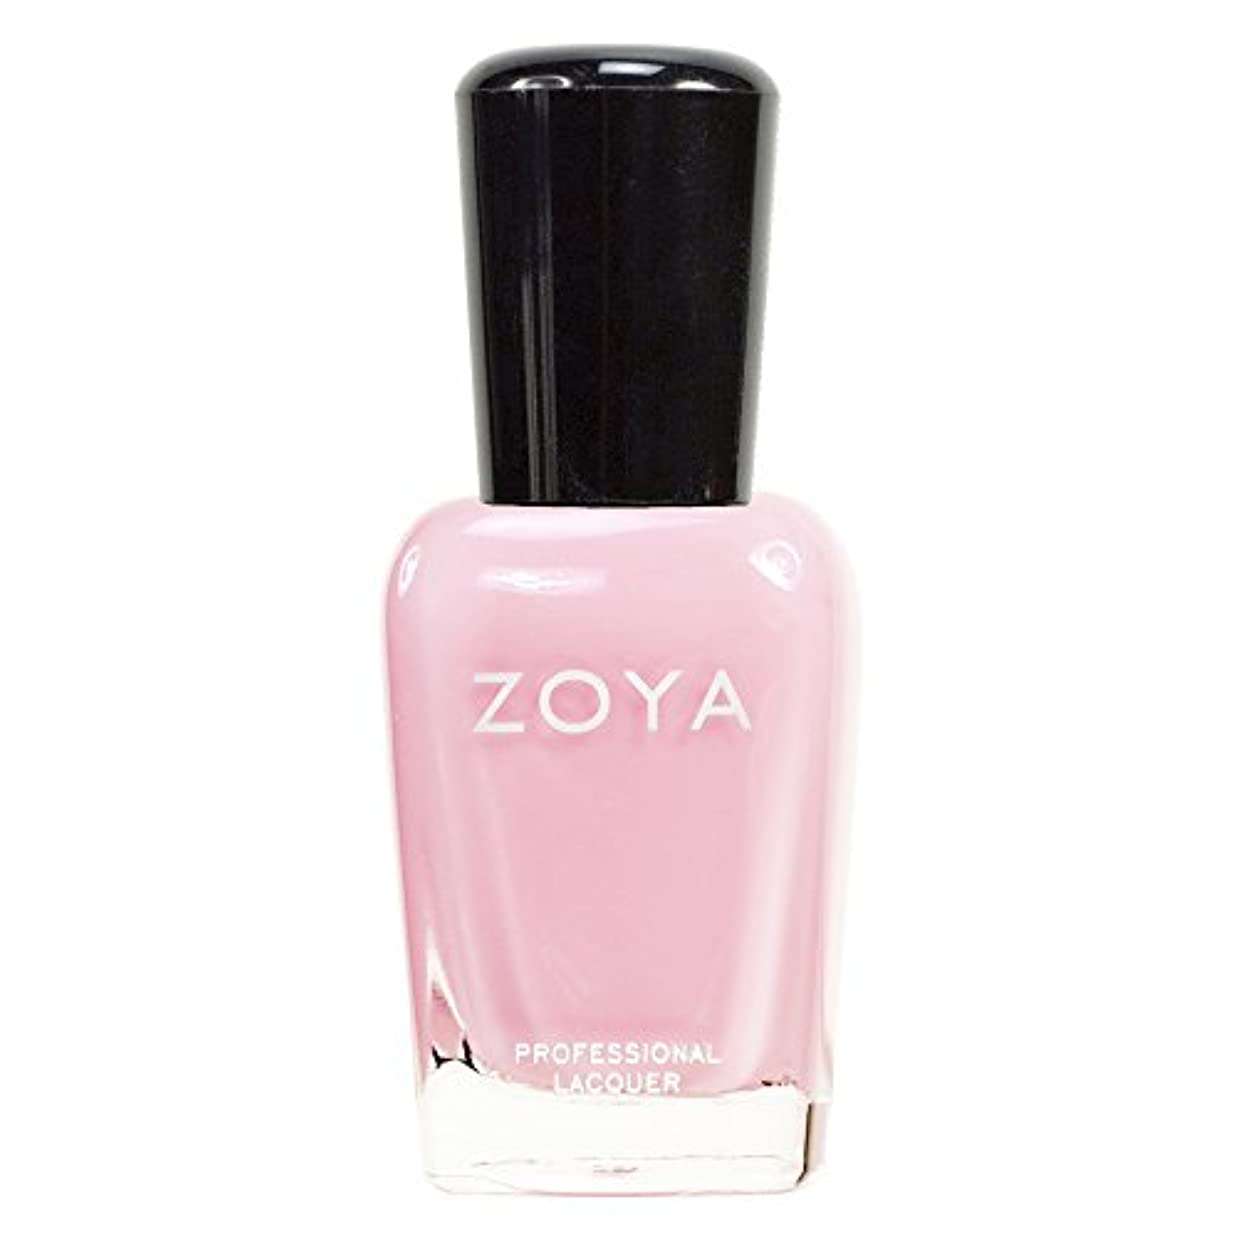 ブロックする同盟なぜZOYA ゾーヤ ネイルカラーZP315 BELA ベラ 15ml 淡く優しいクリーミーなピンク マット 爪にやさしいネイルラッカーマニキュア